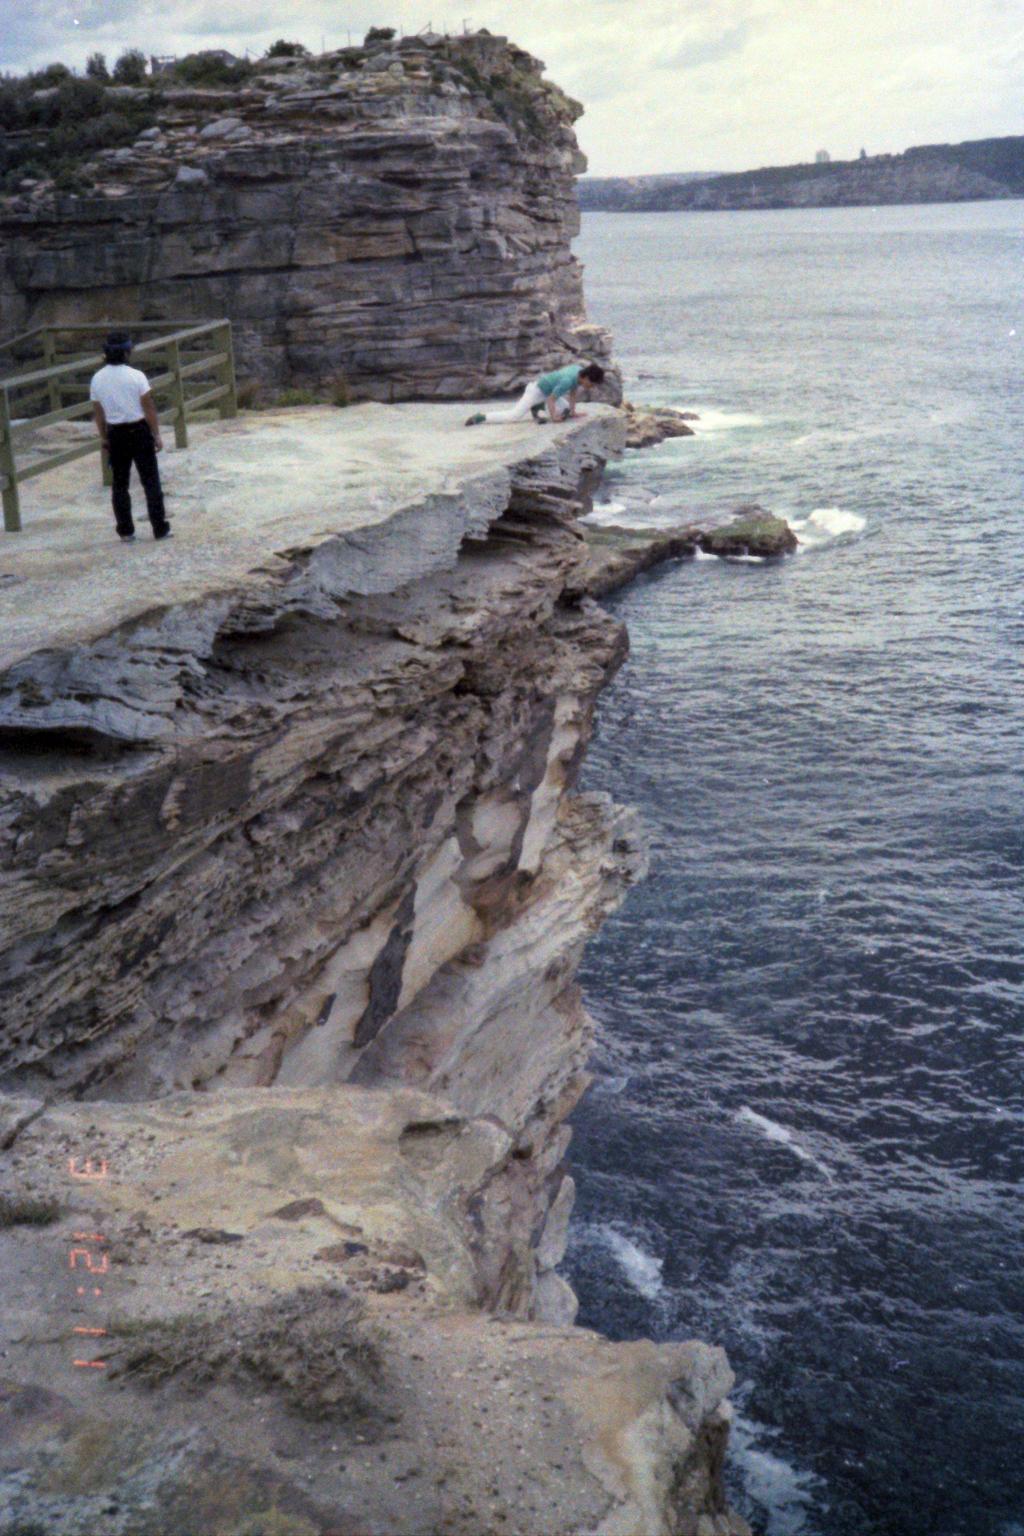 1984_Australia-12-3_シドニー観光_4